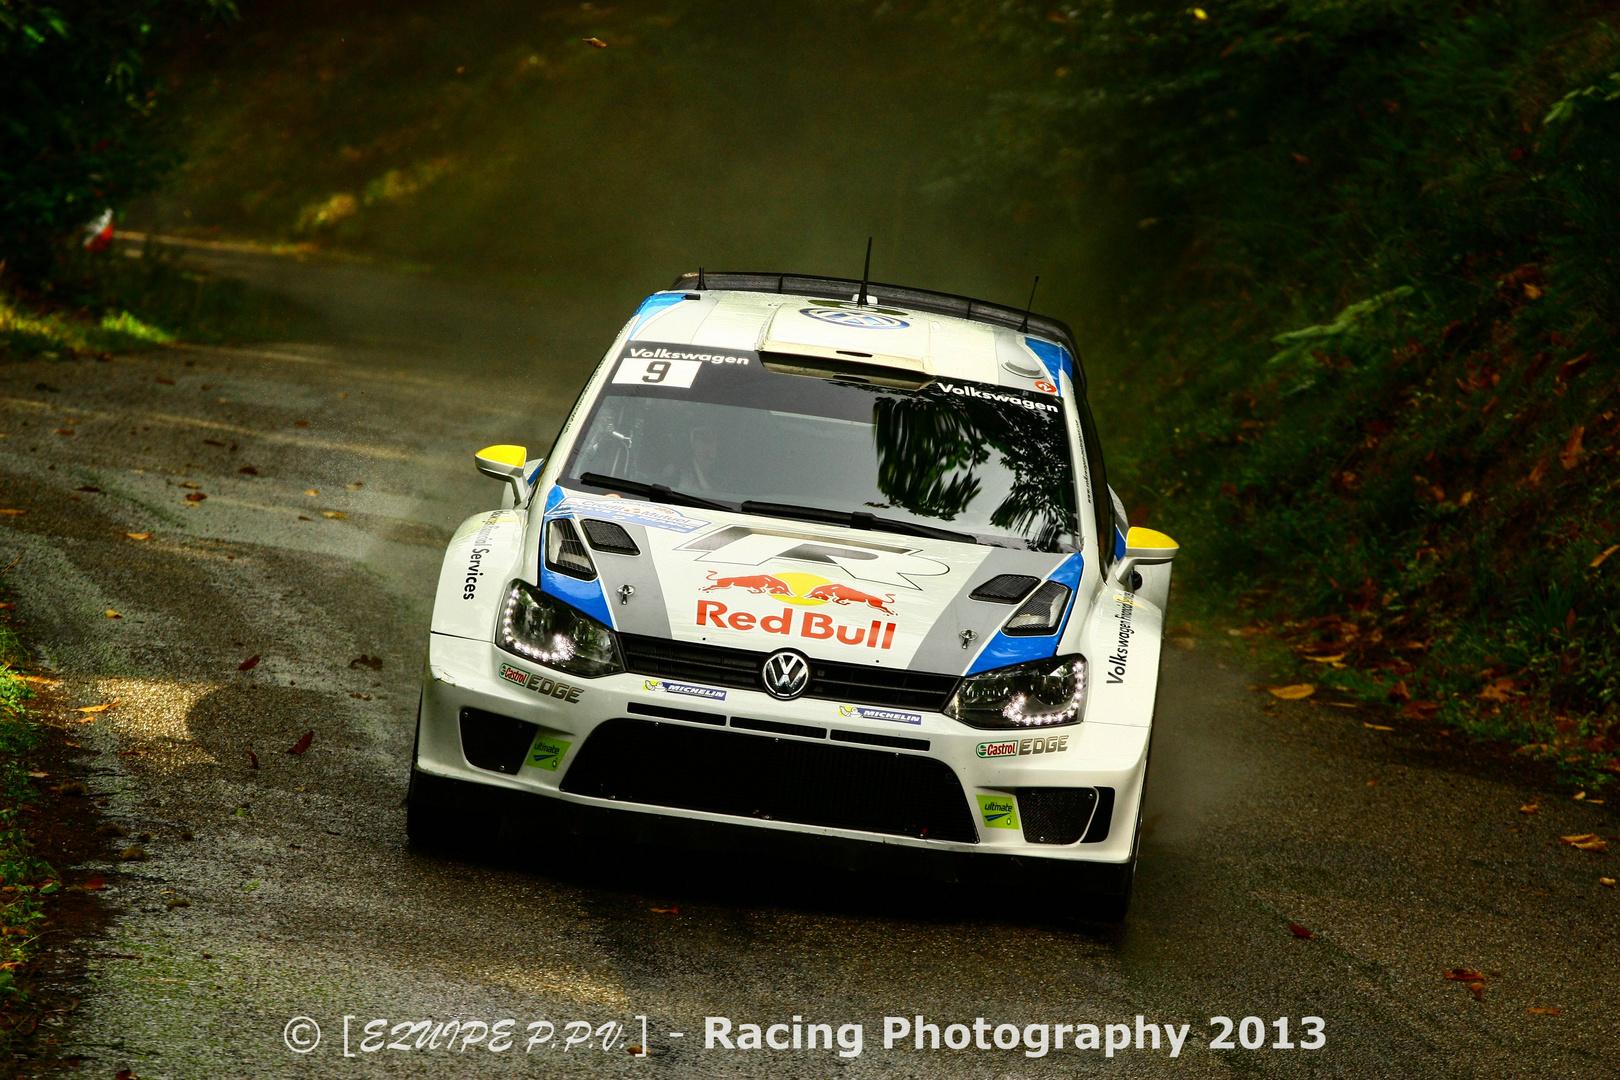 VW Polo R WRC @ WRC France 2013